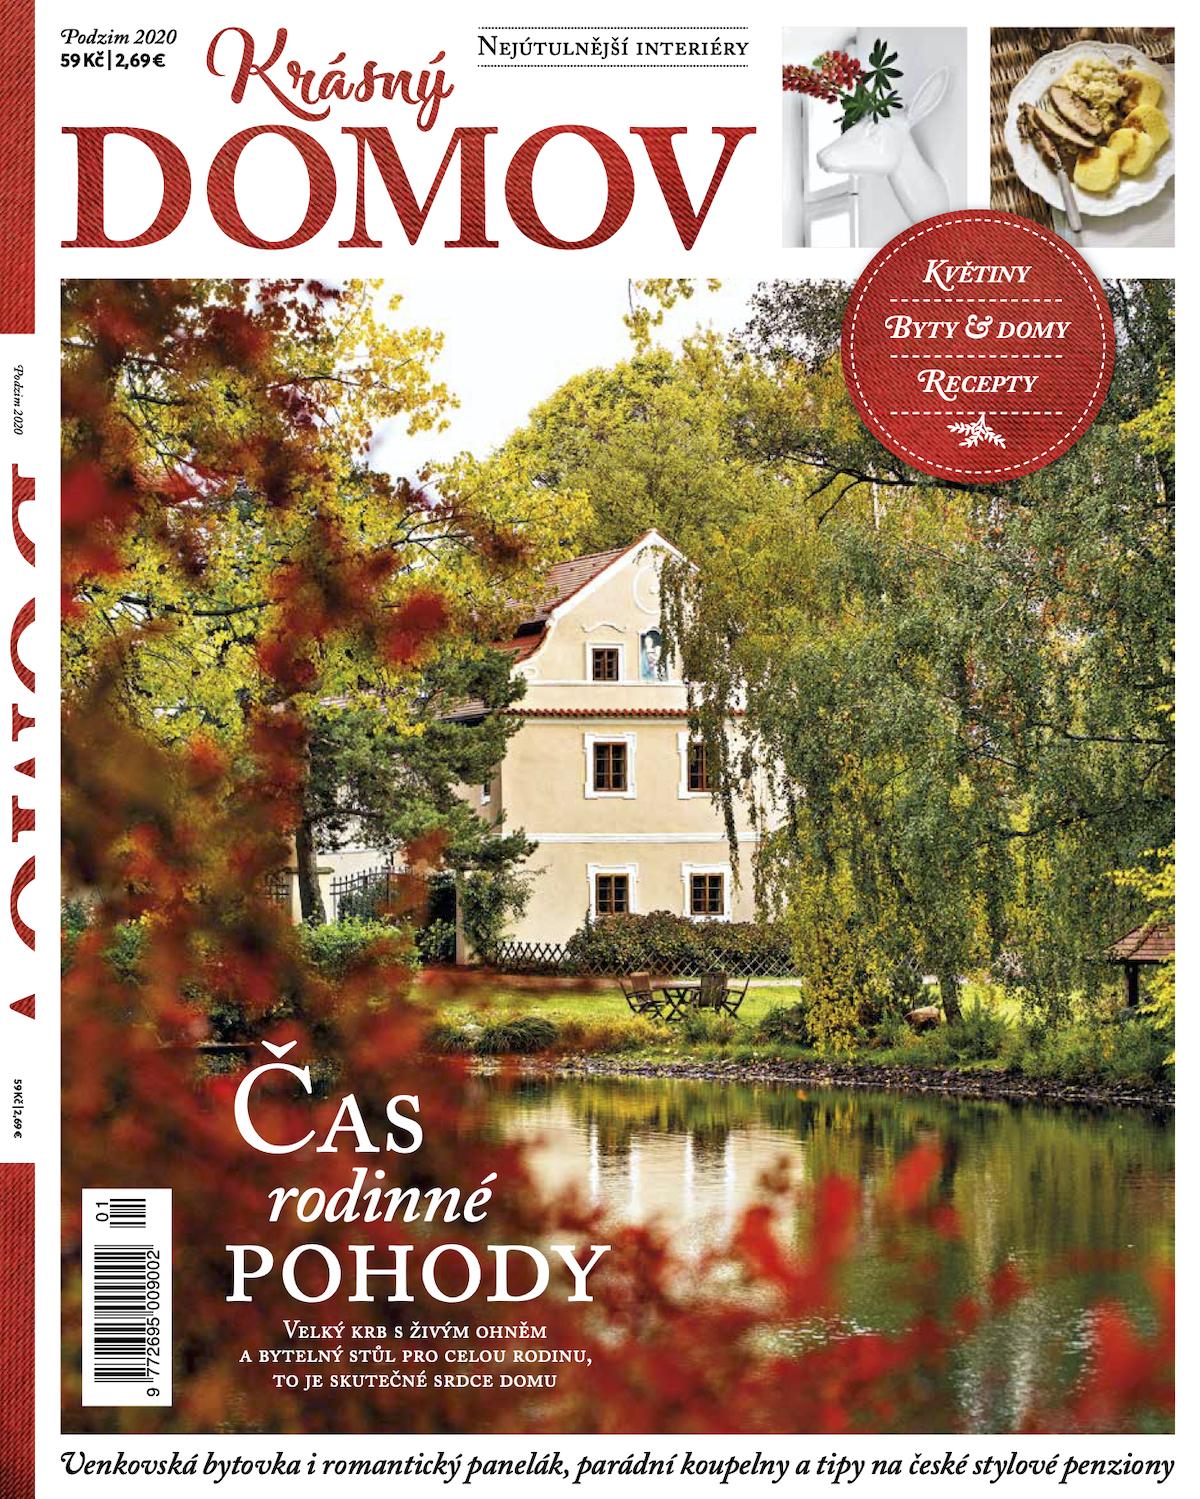 Titulní strana prvního vydání časopisu Krásný domov